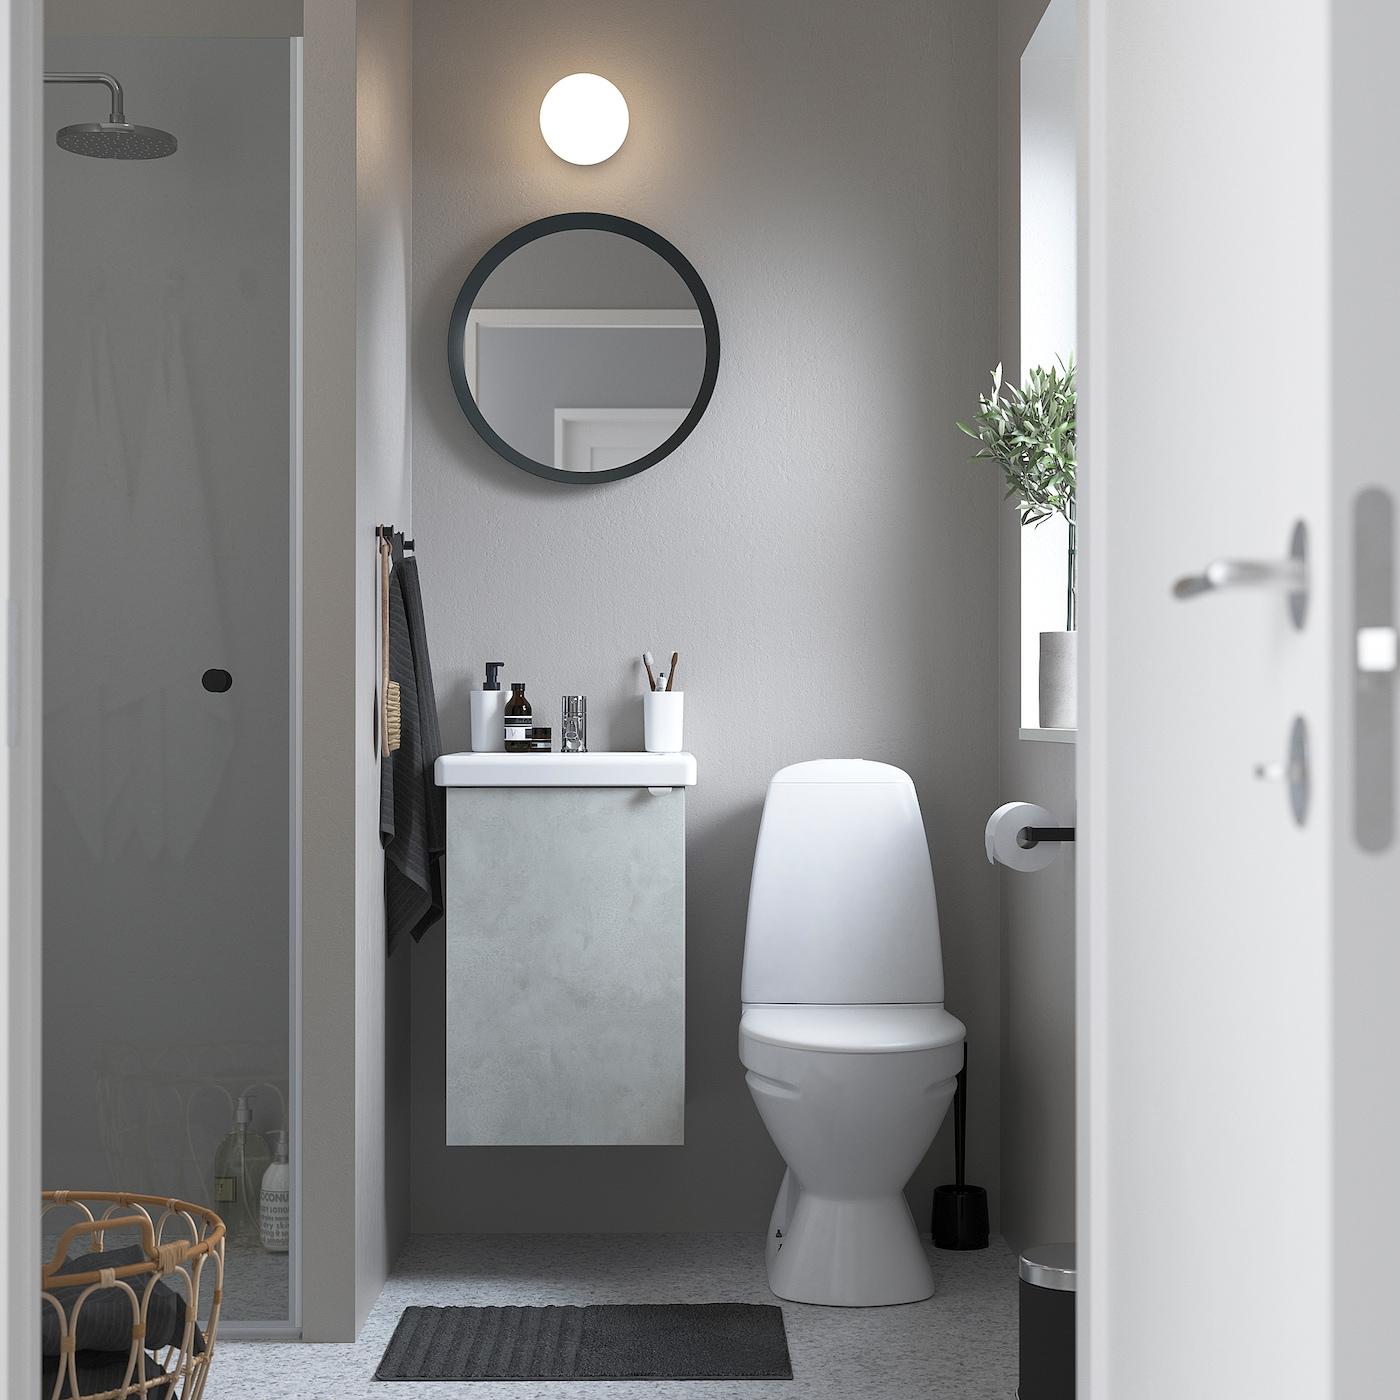 ENHET / TVÄLLEN خزانة الحوض مع 1 باب, تأثيرات ماديّة./رمادي حنفية Pilkån, 44x43x65 سم